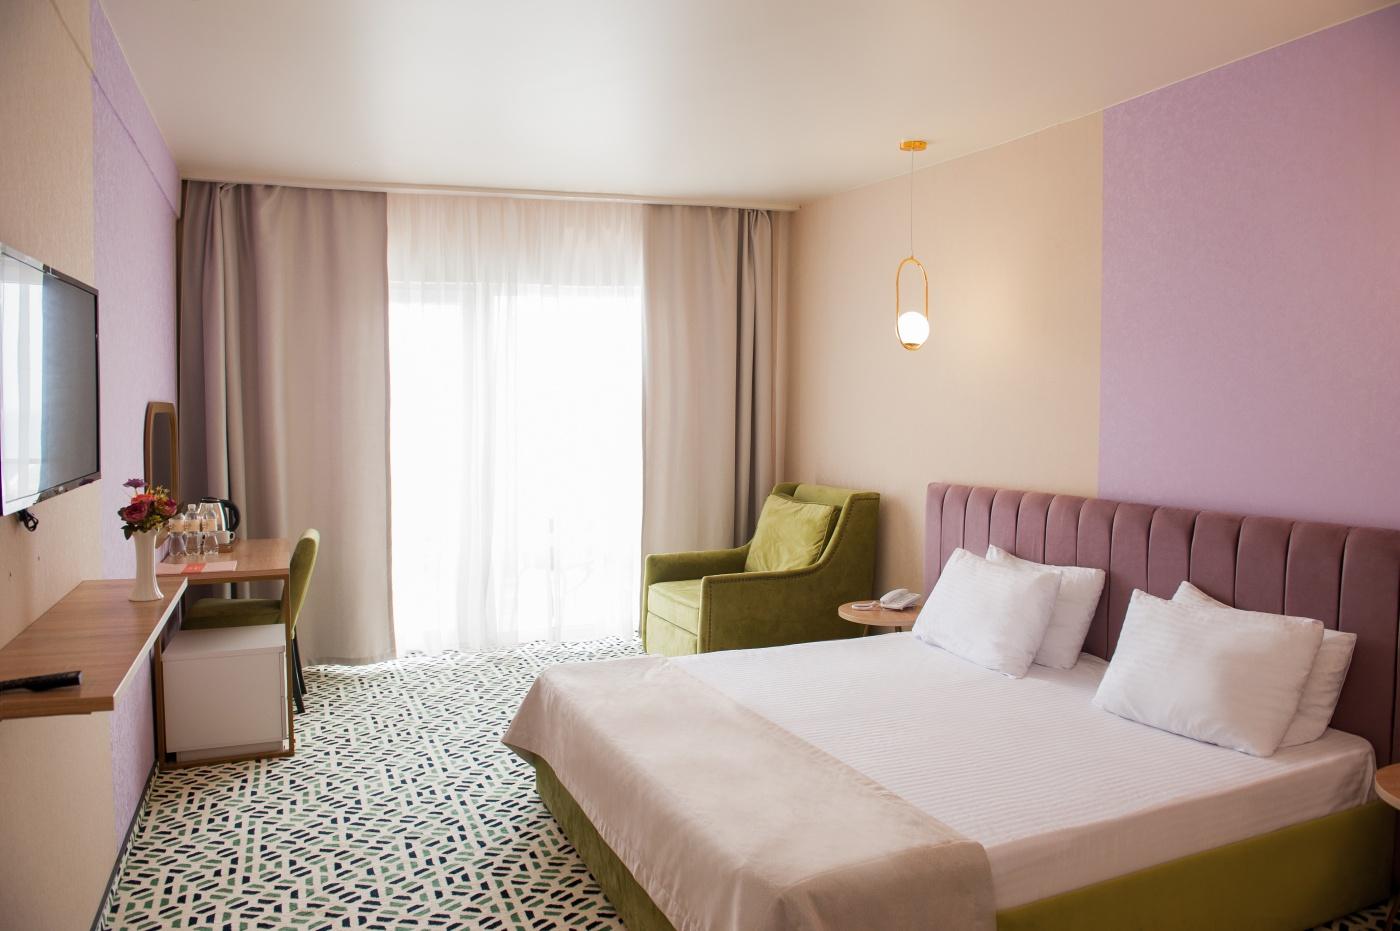 Отель «Aurum Family Resort & Spa» Краснодарский край Standard SV 2-местный (в корпусе), фото 3